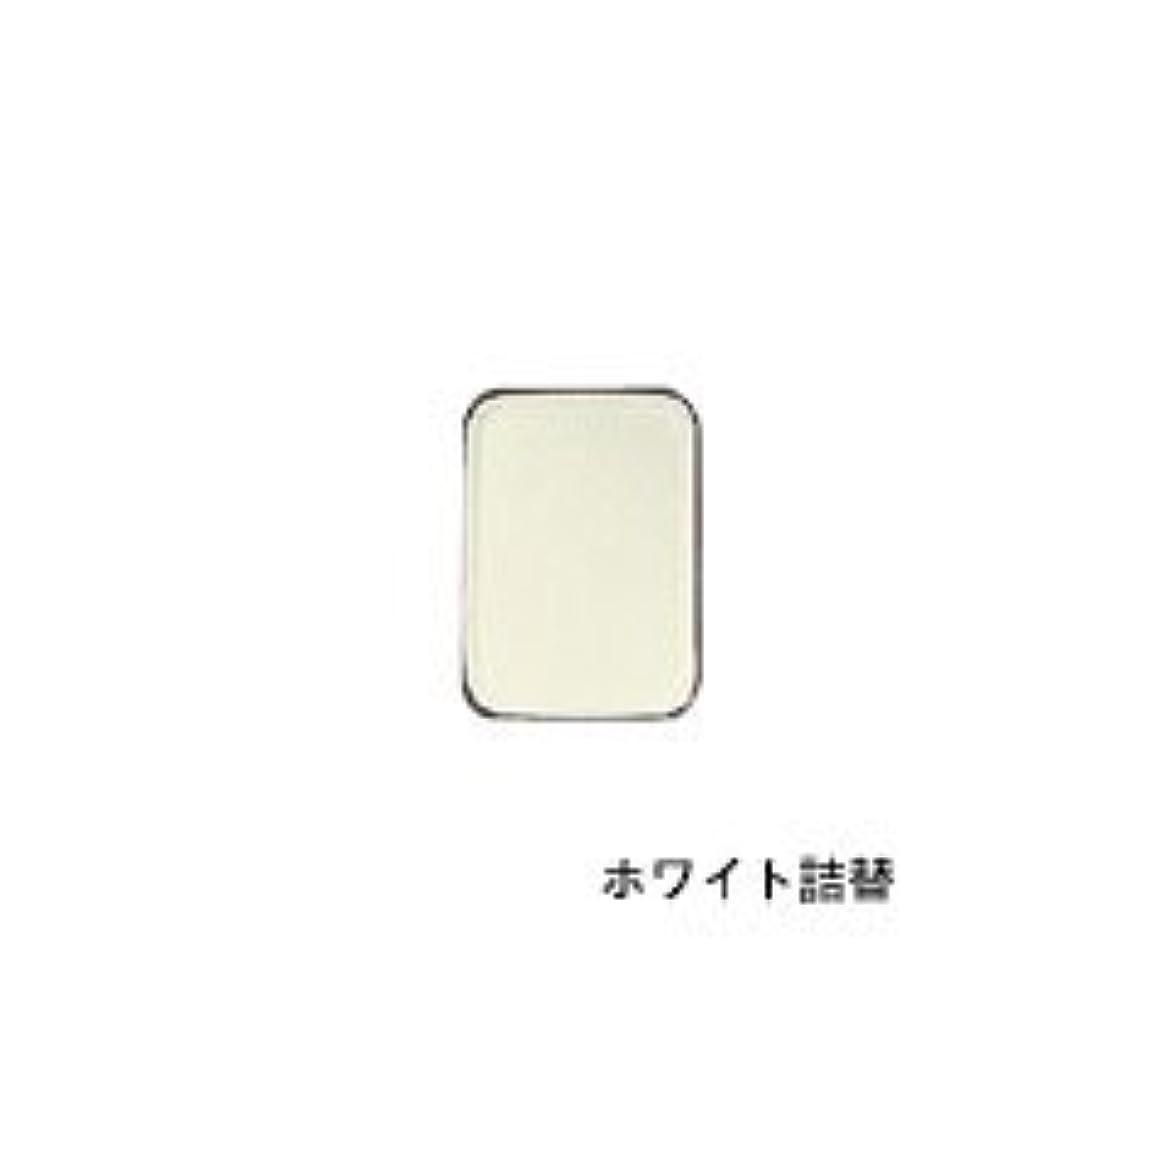 コート腐敗した啓発するリマナチュラル ピュアアイカラー 詰替用 ホワイト×2個       JAN:4514991230439